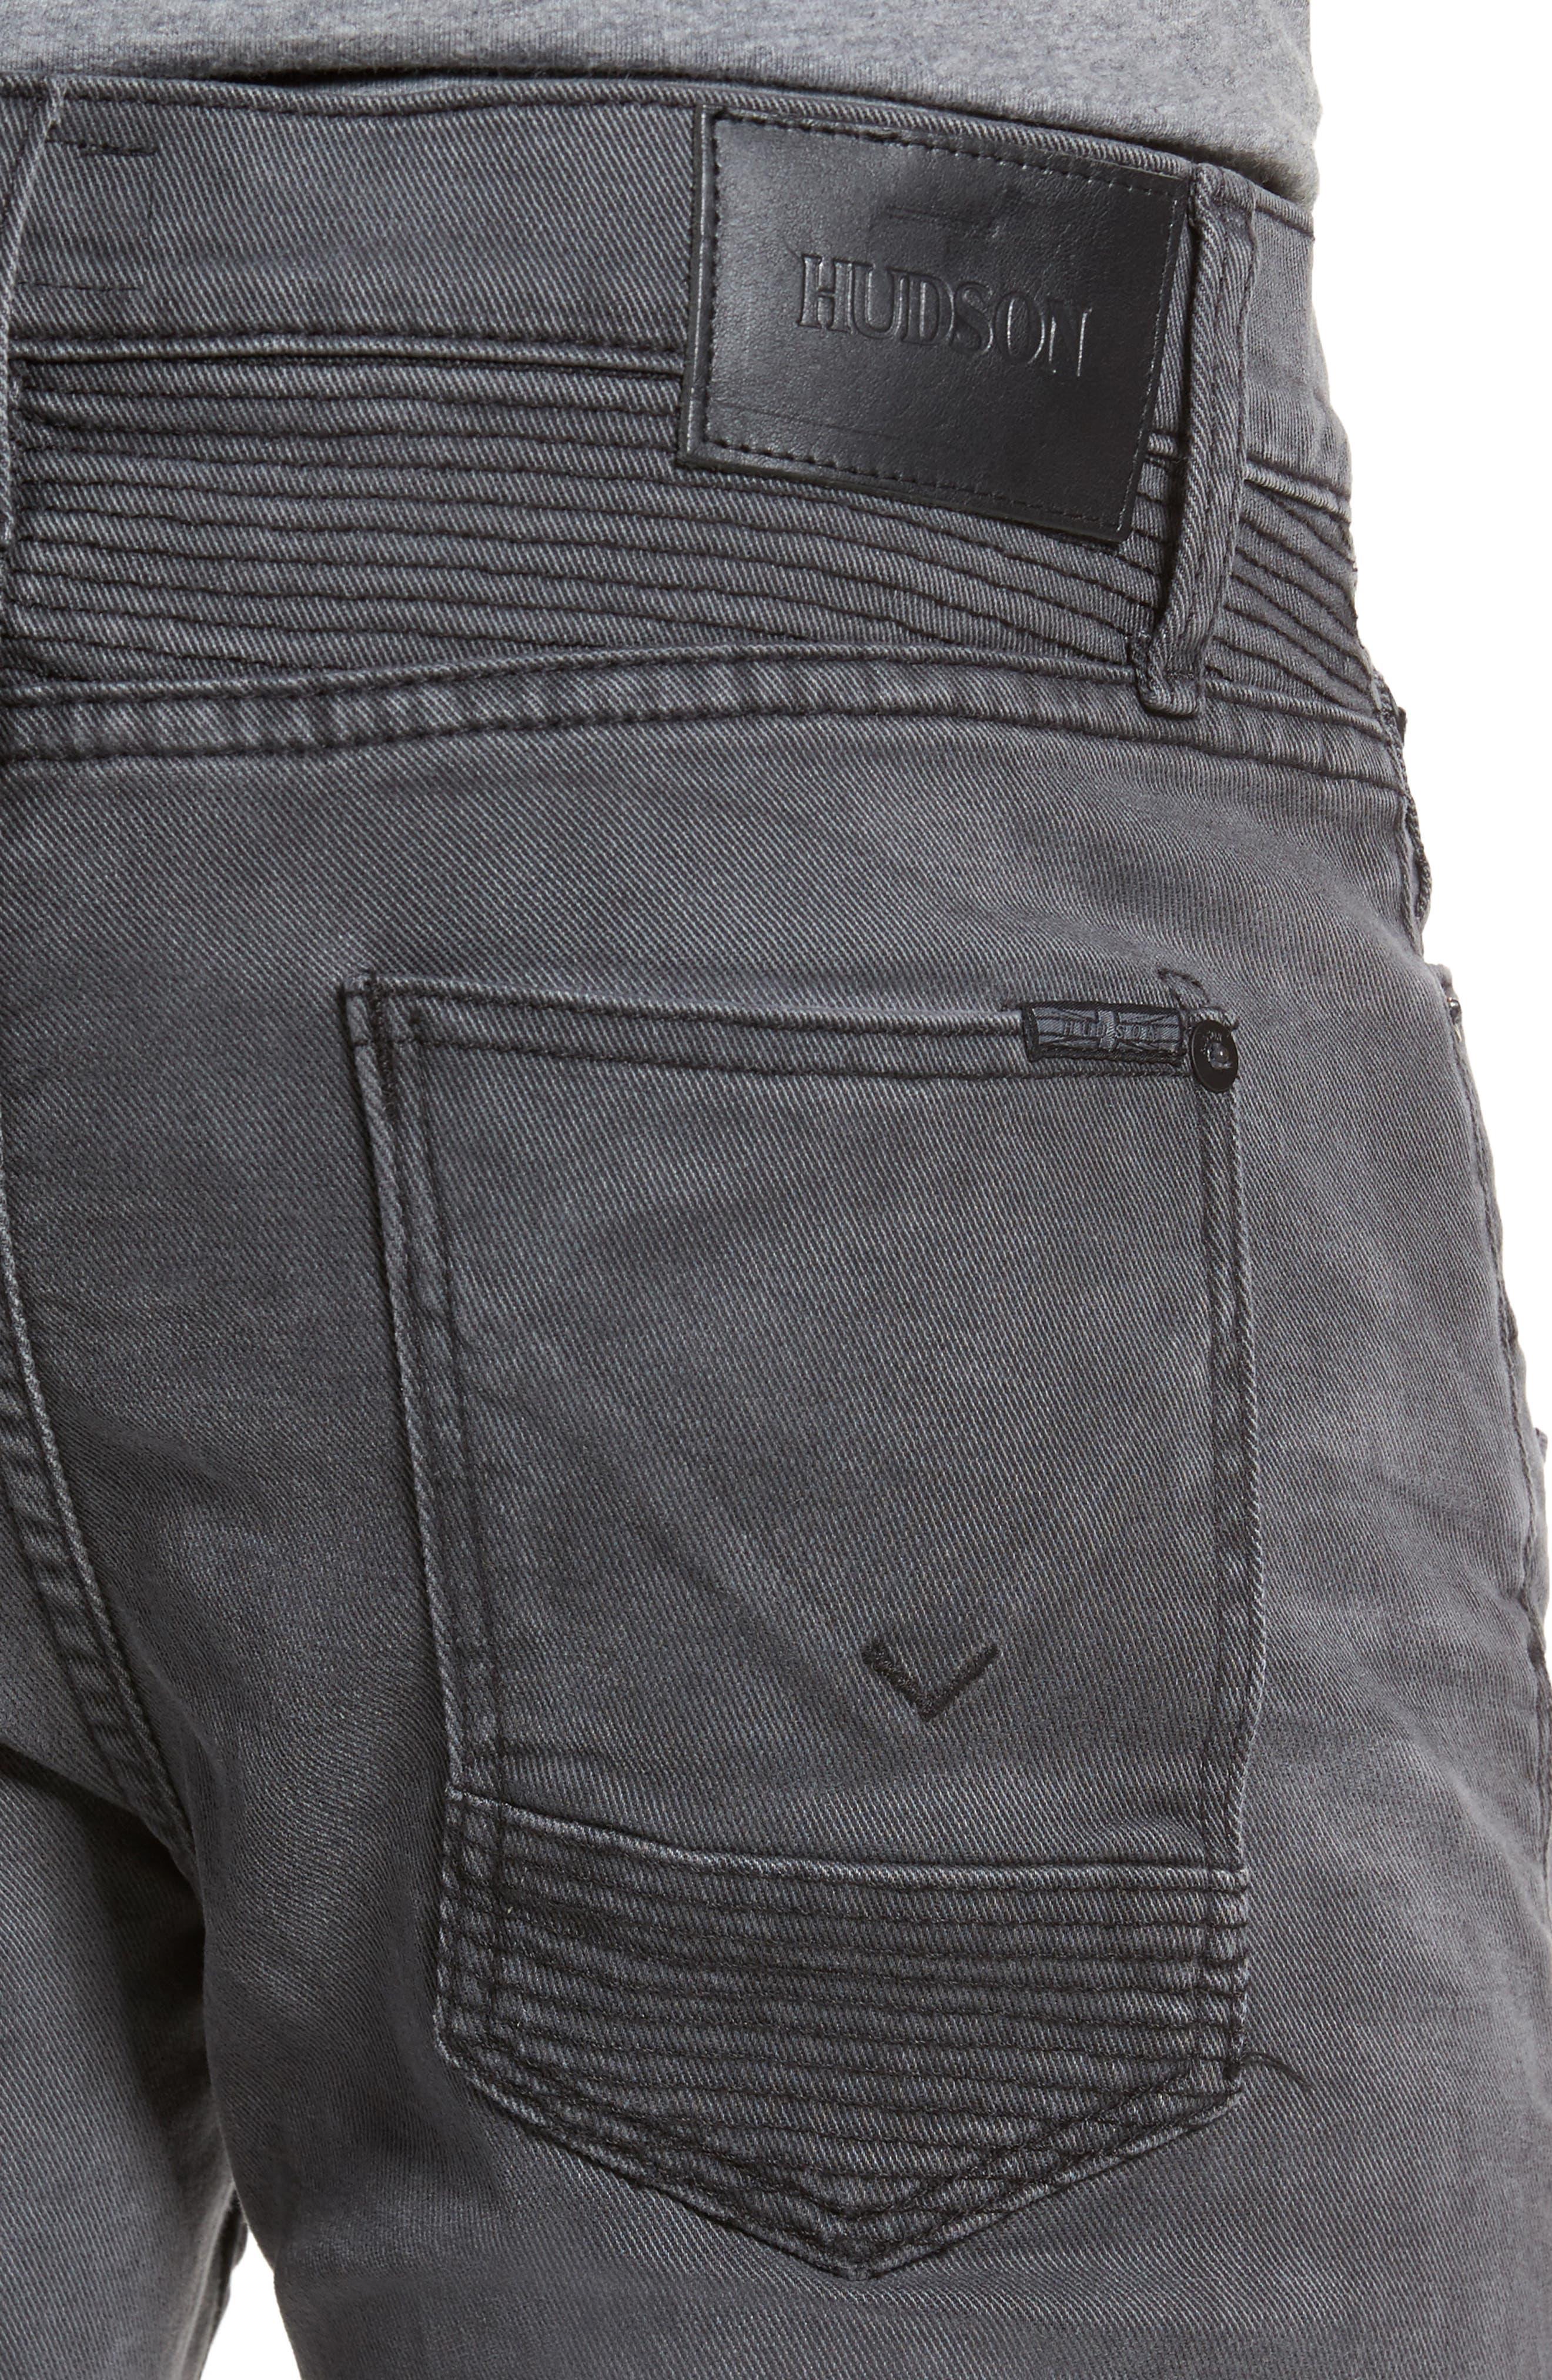 Alternate Image 4  - Hudson Jeans Blinder Biker Moto Skinny Fit Jeans (Mixtape)